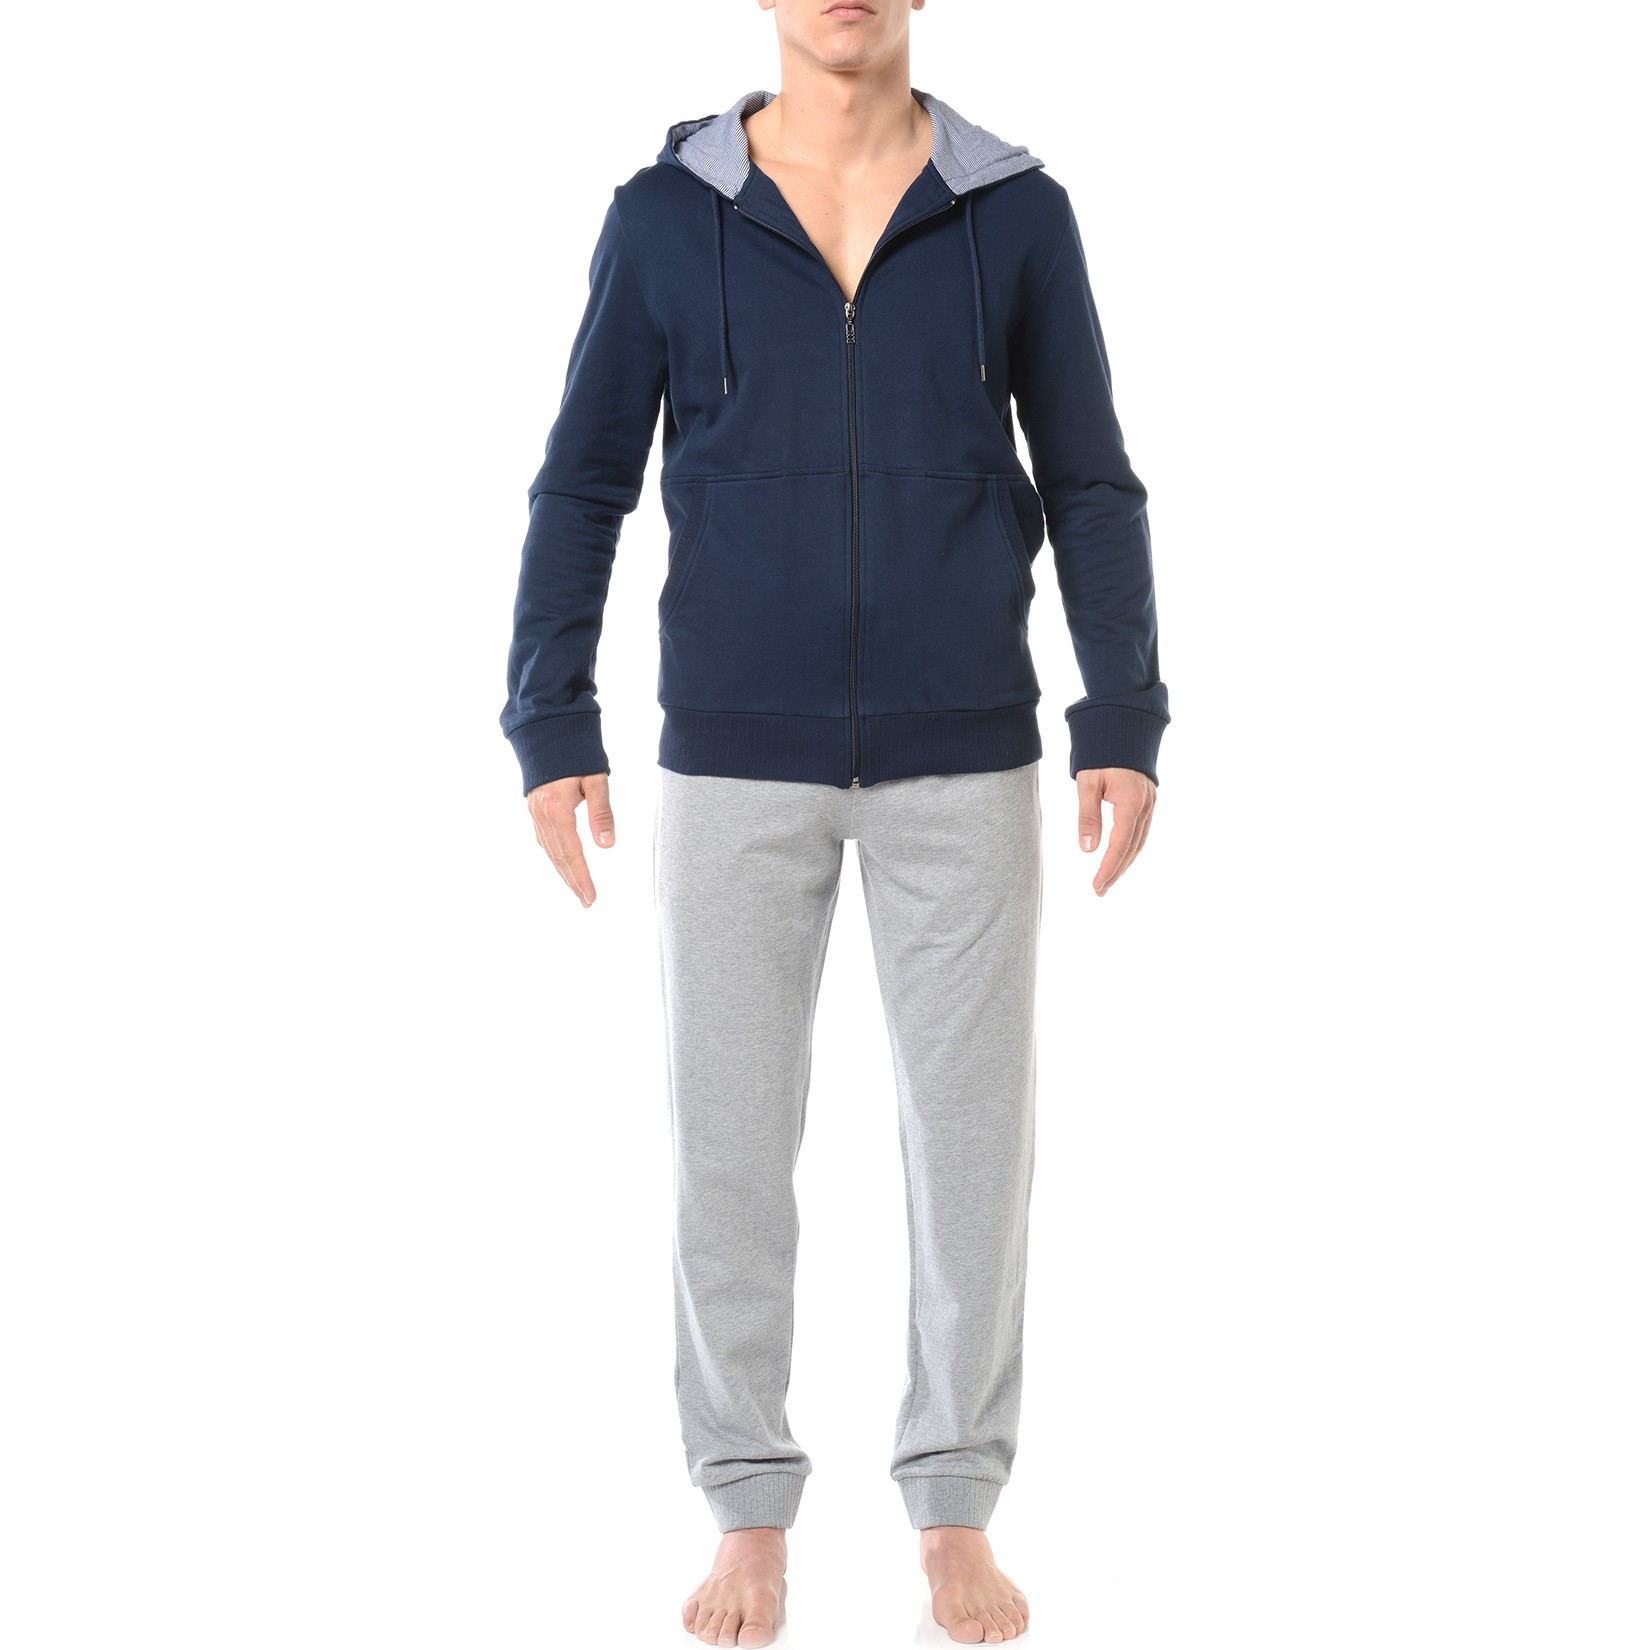 Tenue d 39 int rieur chris hom vente pyjamas et cale ons for Vetement d interieur homme